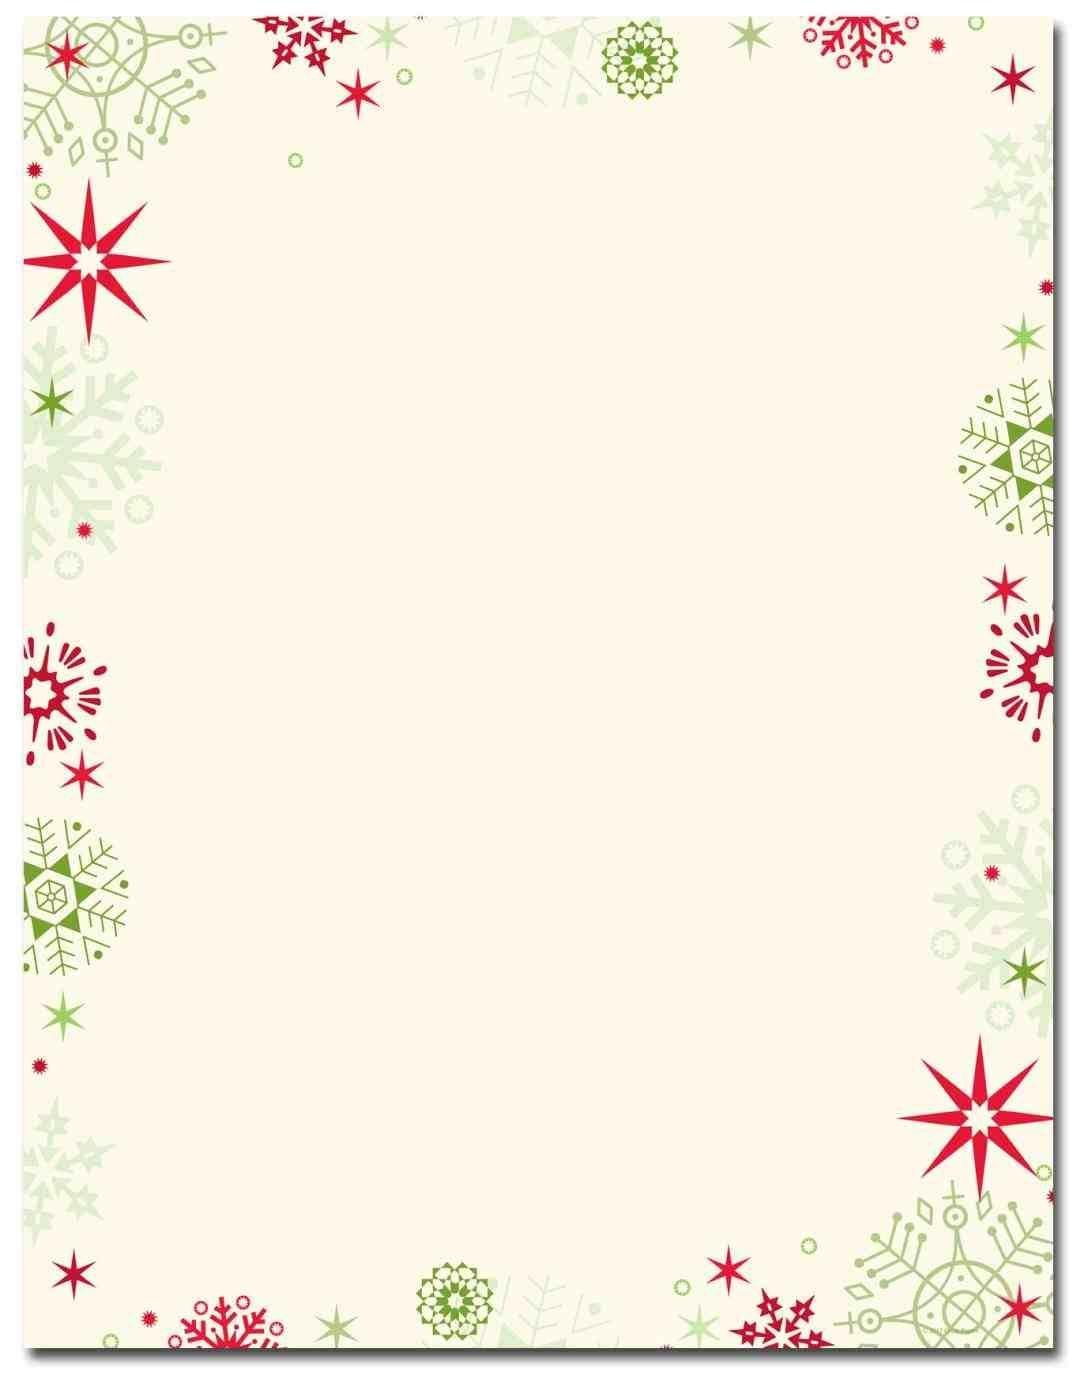 New Free Printable Christmas Stationary Borders At Temasistemi - Free Printable Christmas Borders